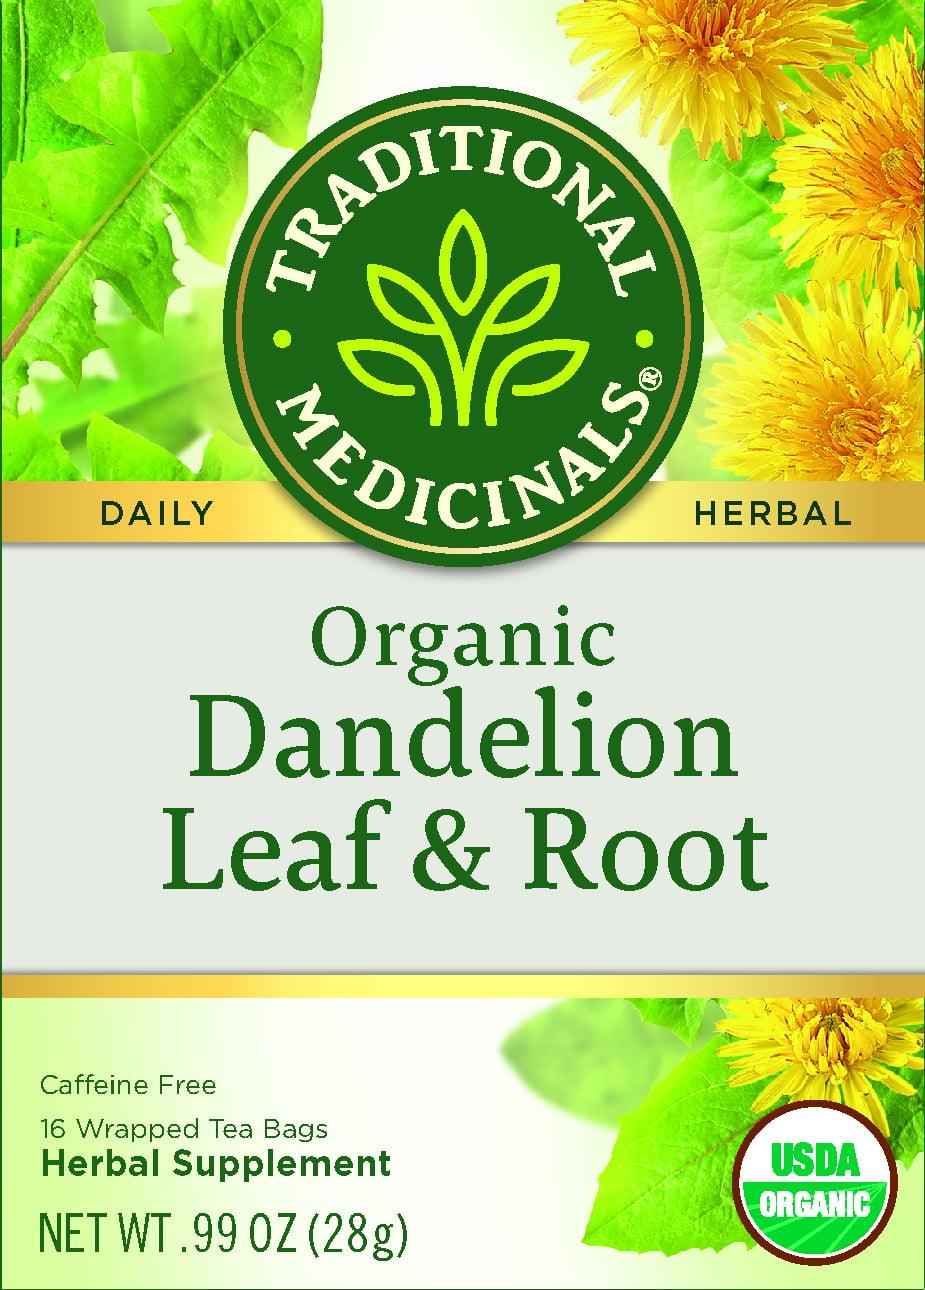 Traditional Medicinals Organic Dandelion Leaf Root Herbal Tea Tea Bags 16 Ct Walmart Com Walmart Com